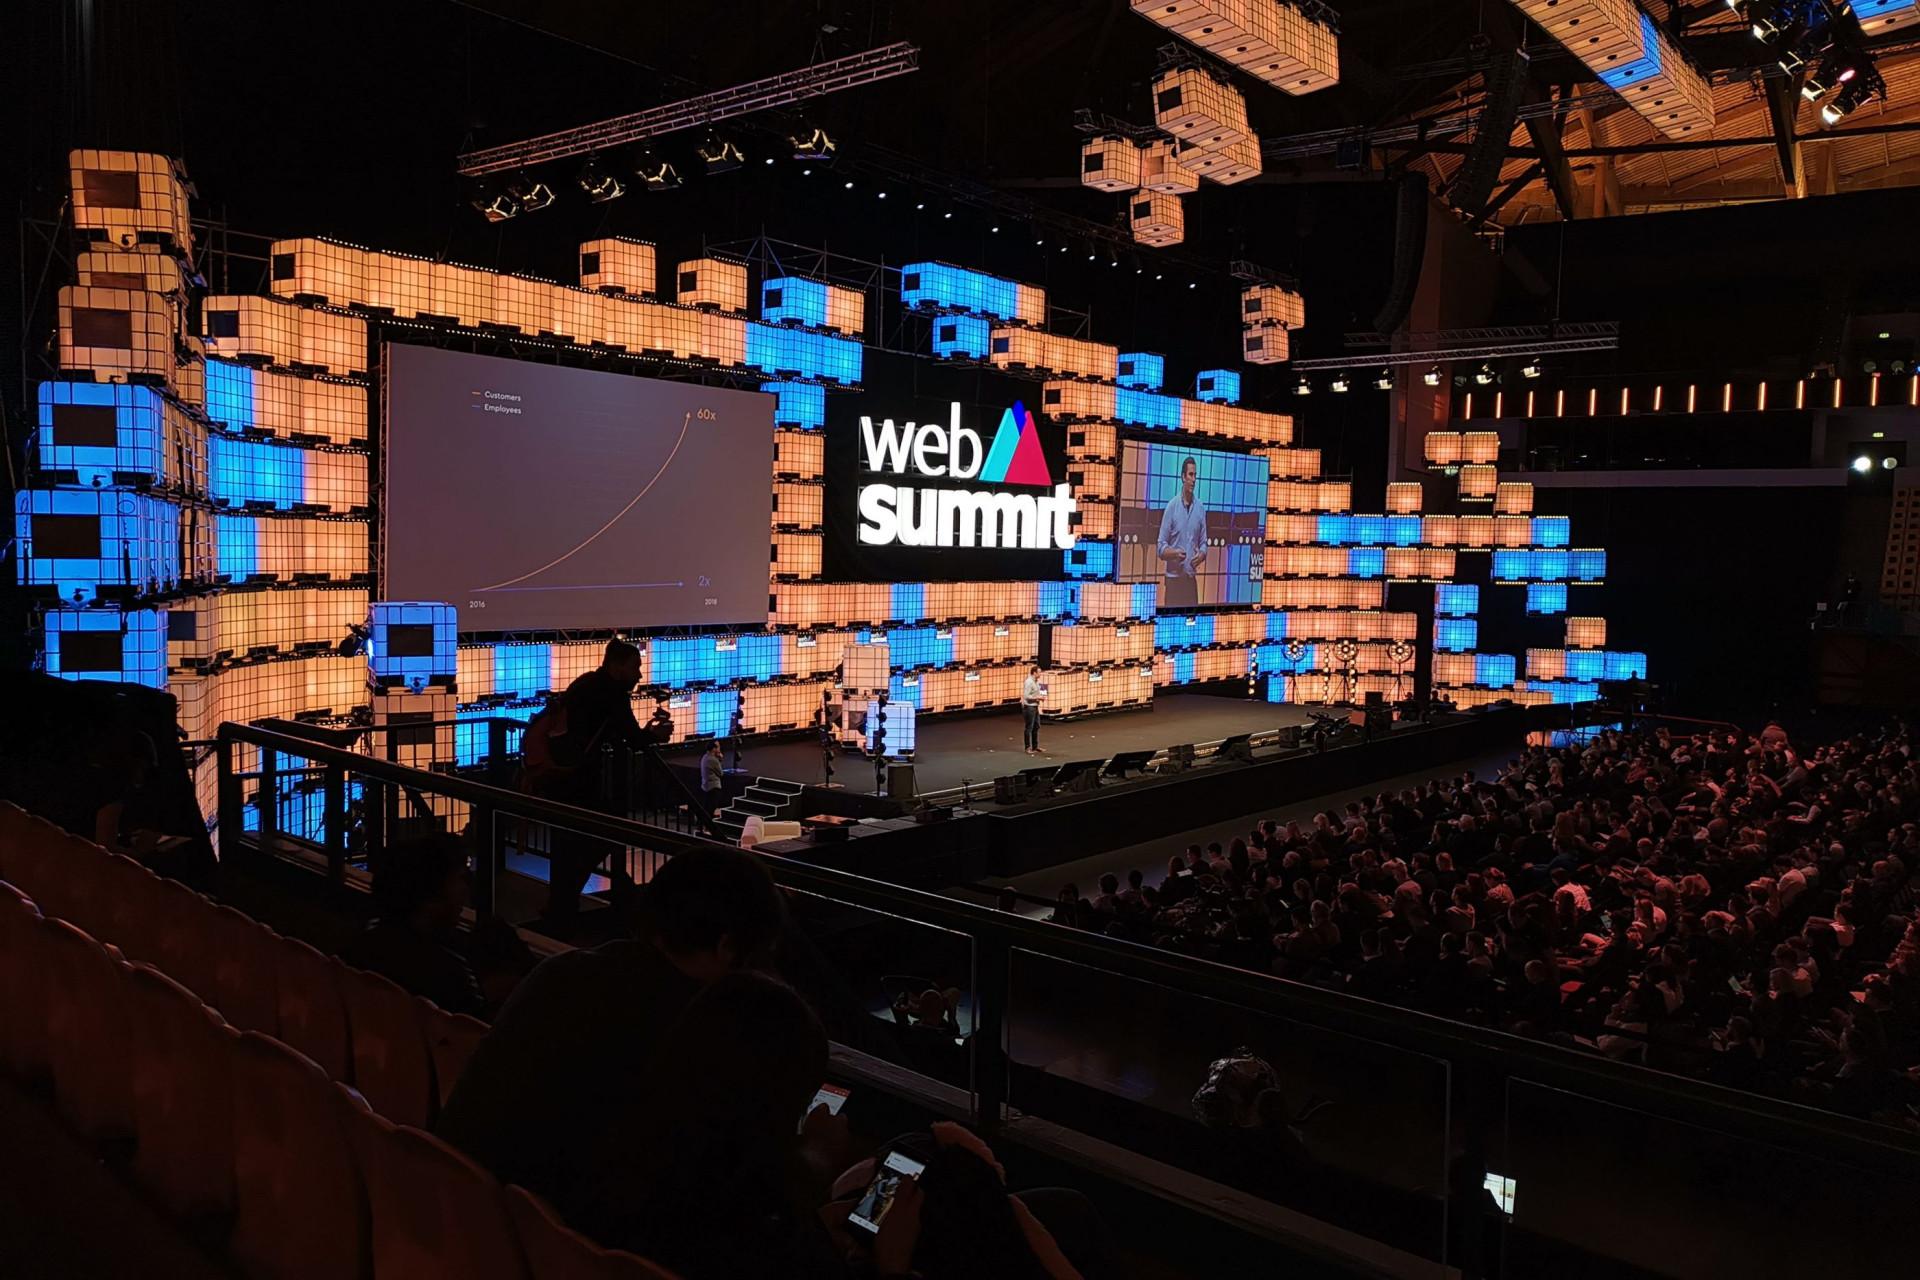 Web Summit. Mostramos-lhe as imagens do recinto da cimeira do momento